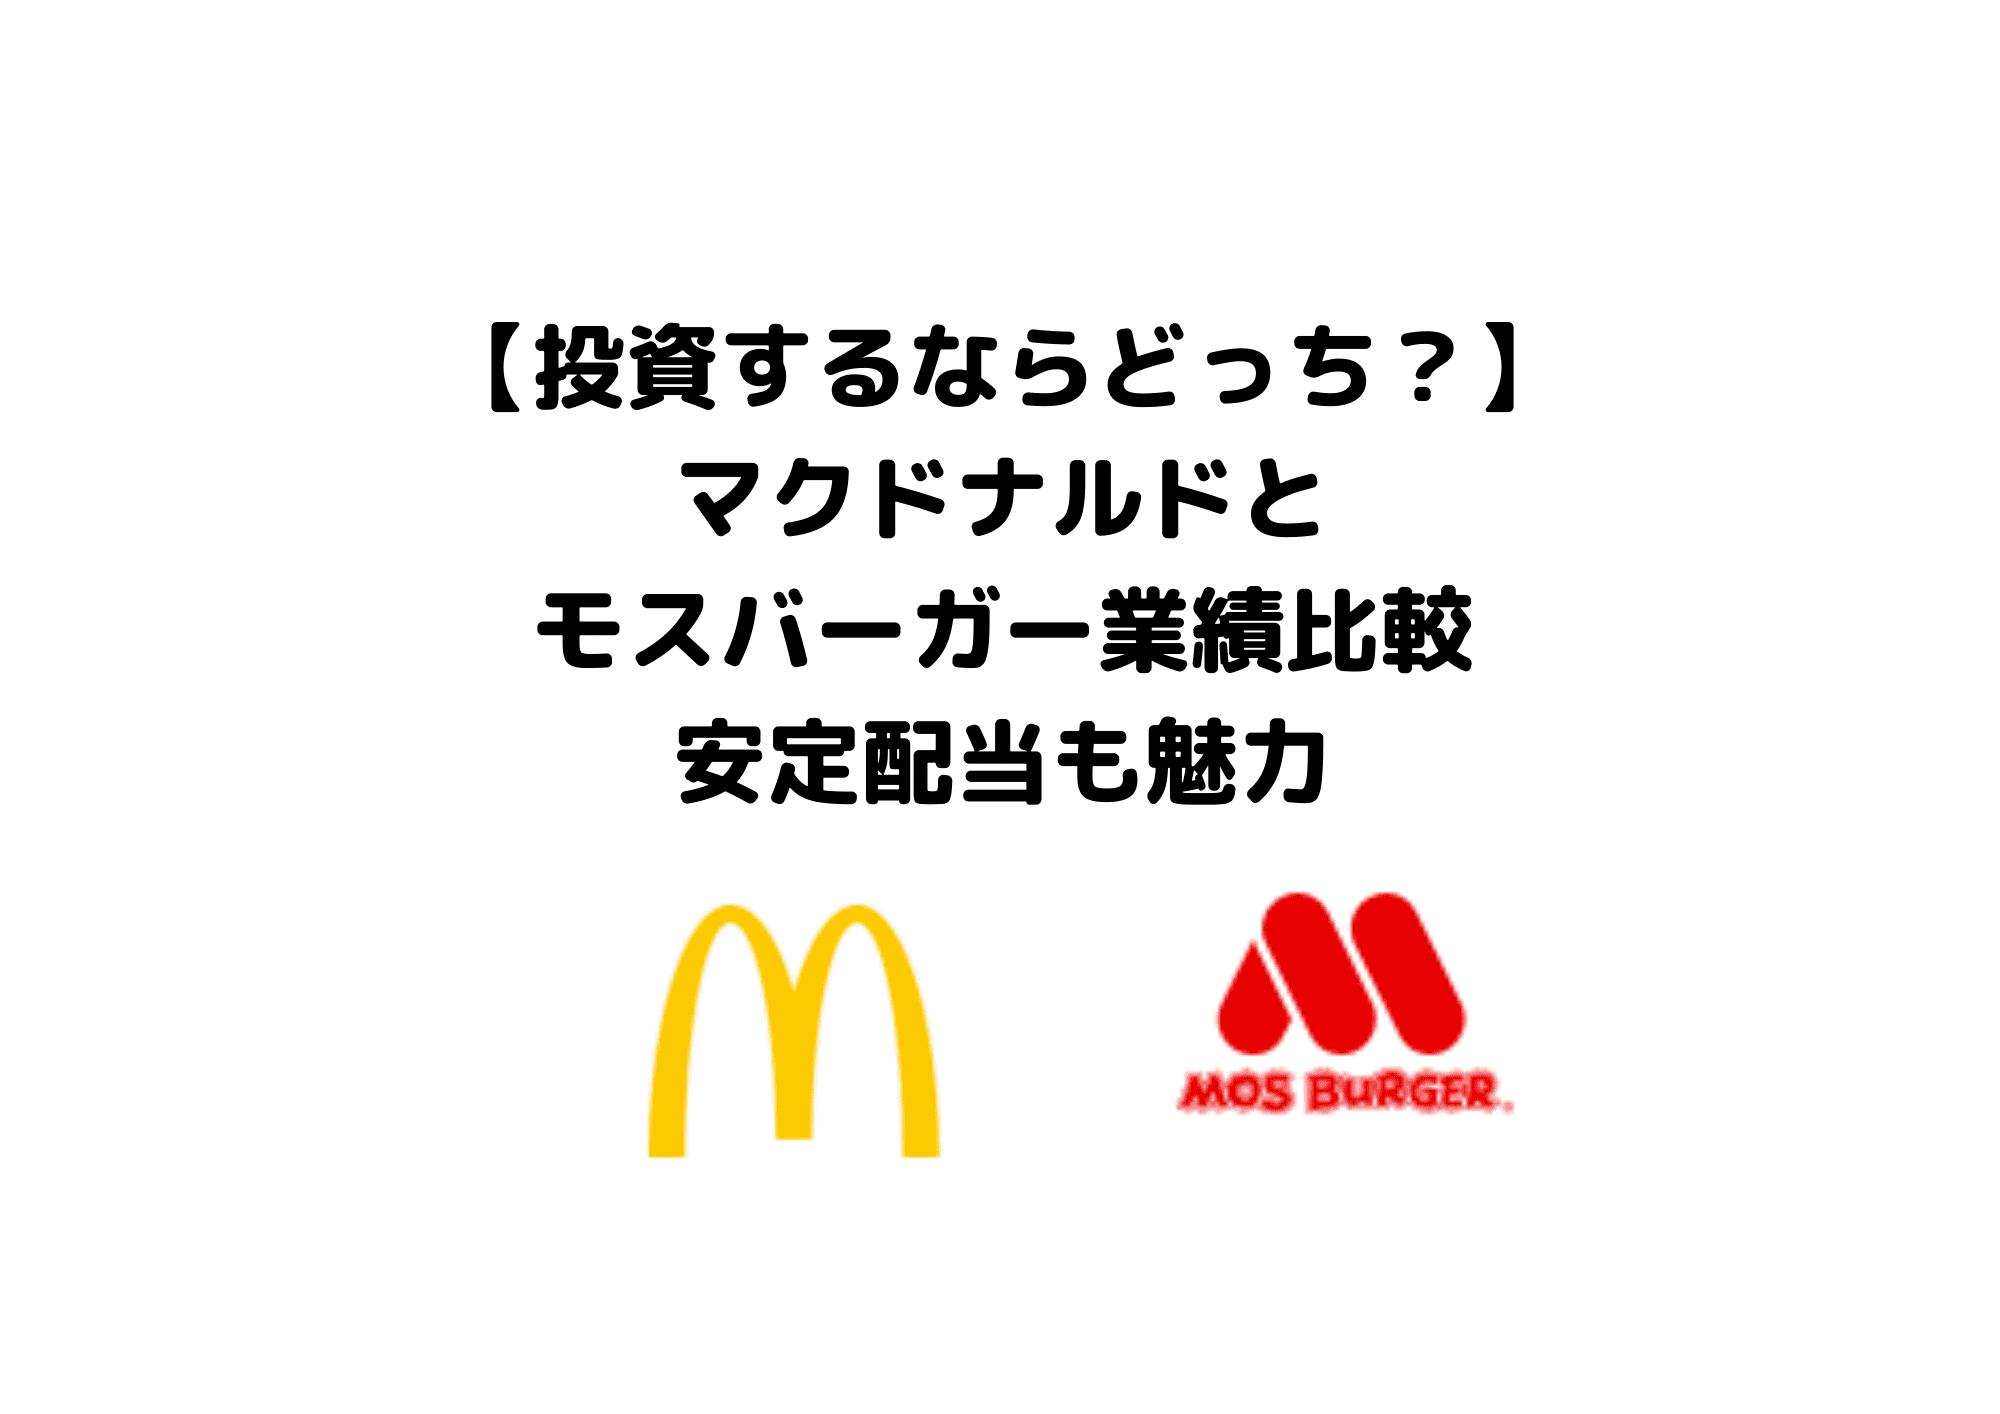 マクドナルド、モスバーガー (1)